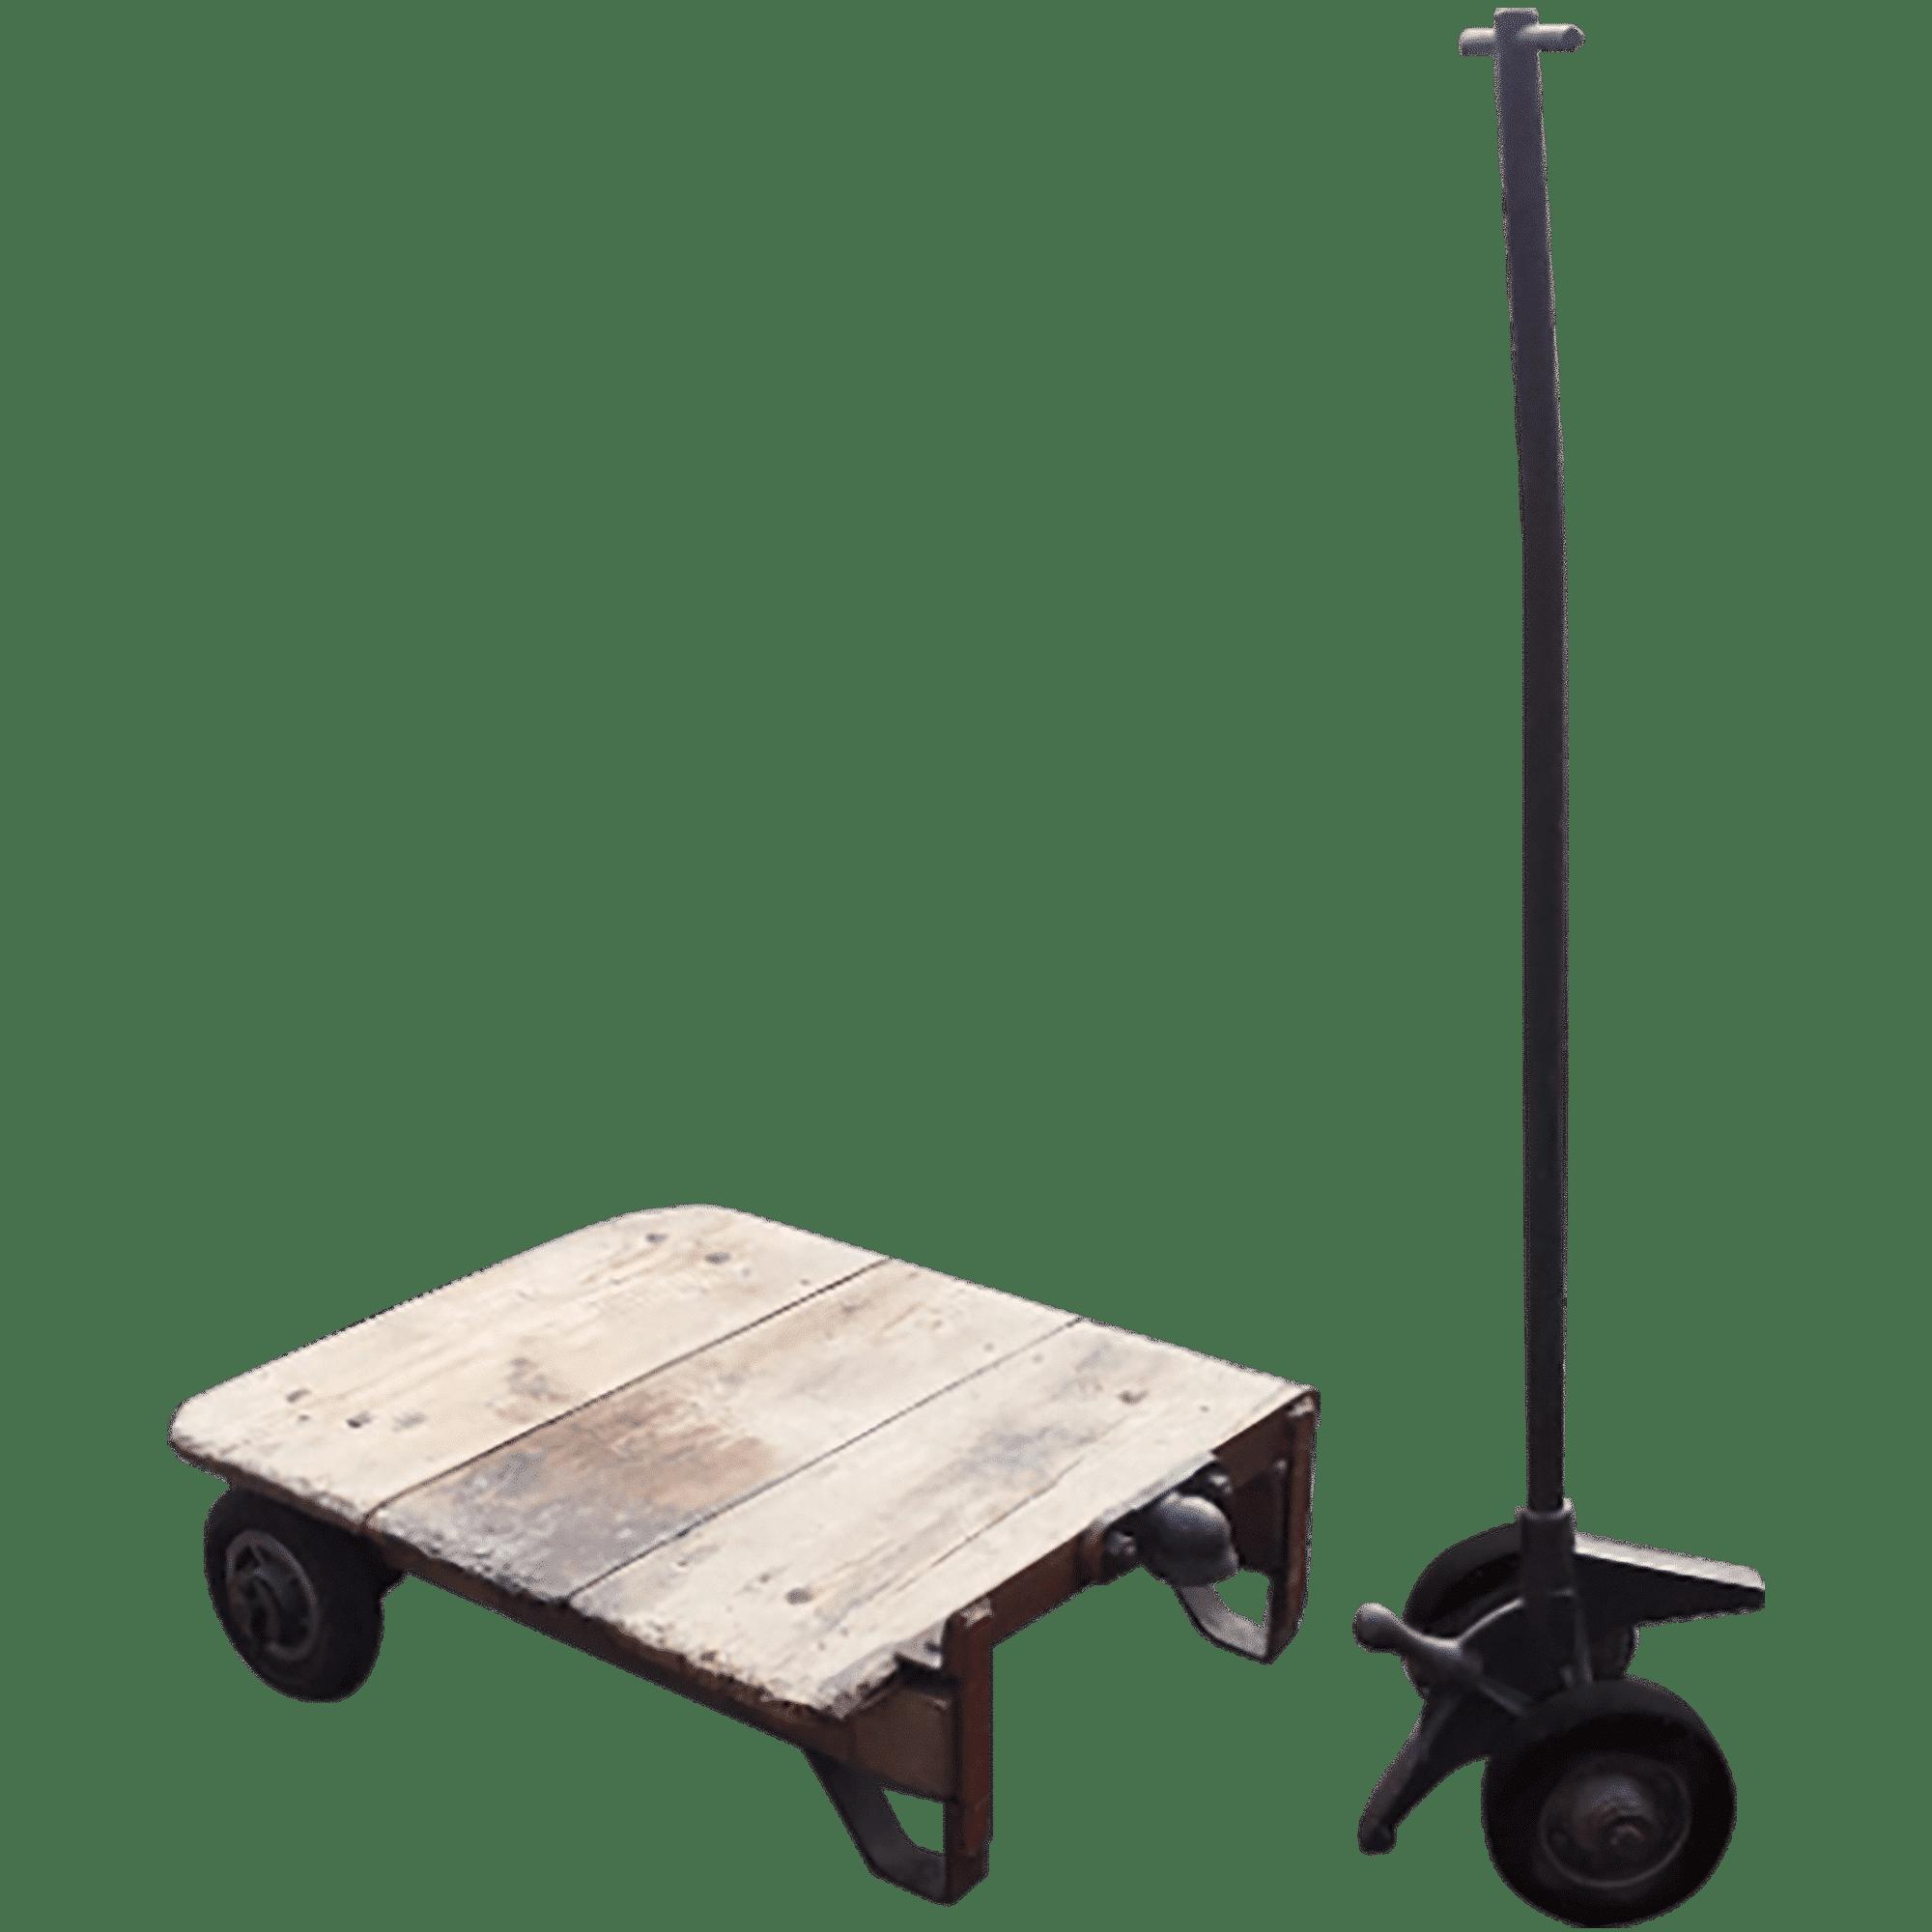 Objet deco loft ancien chariot factory vintage de garage desaffect - Table basse atelier loft ...